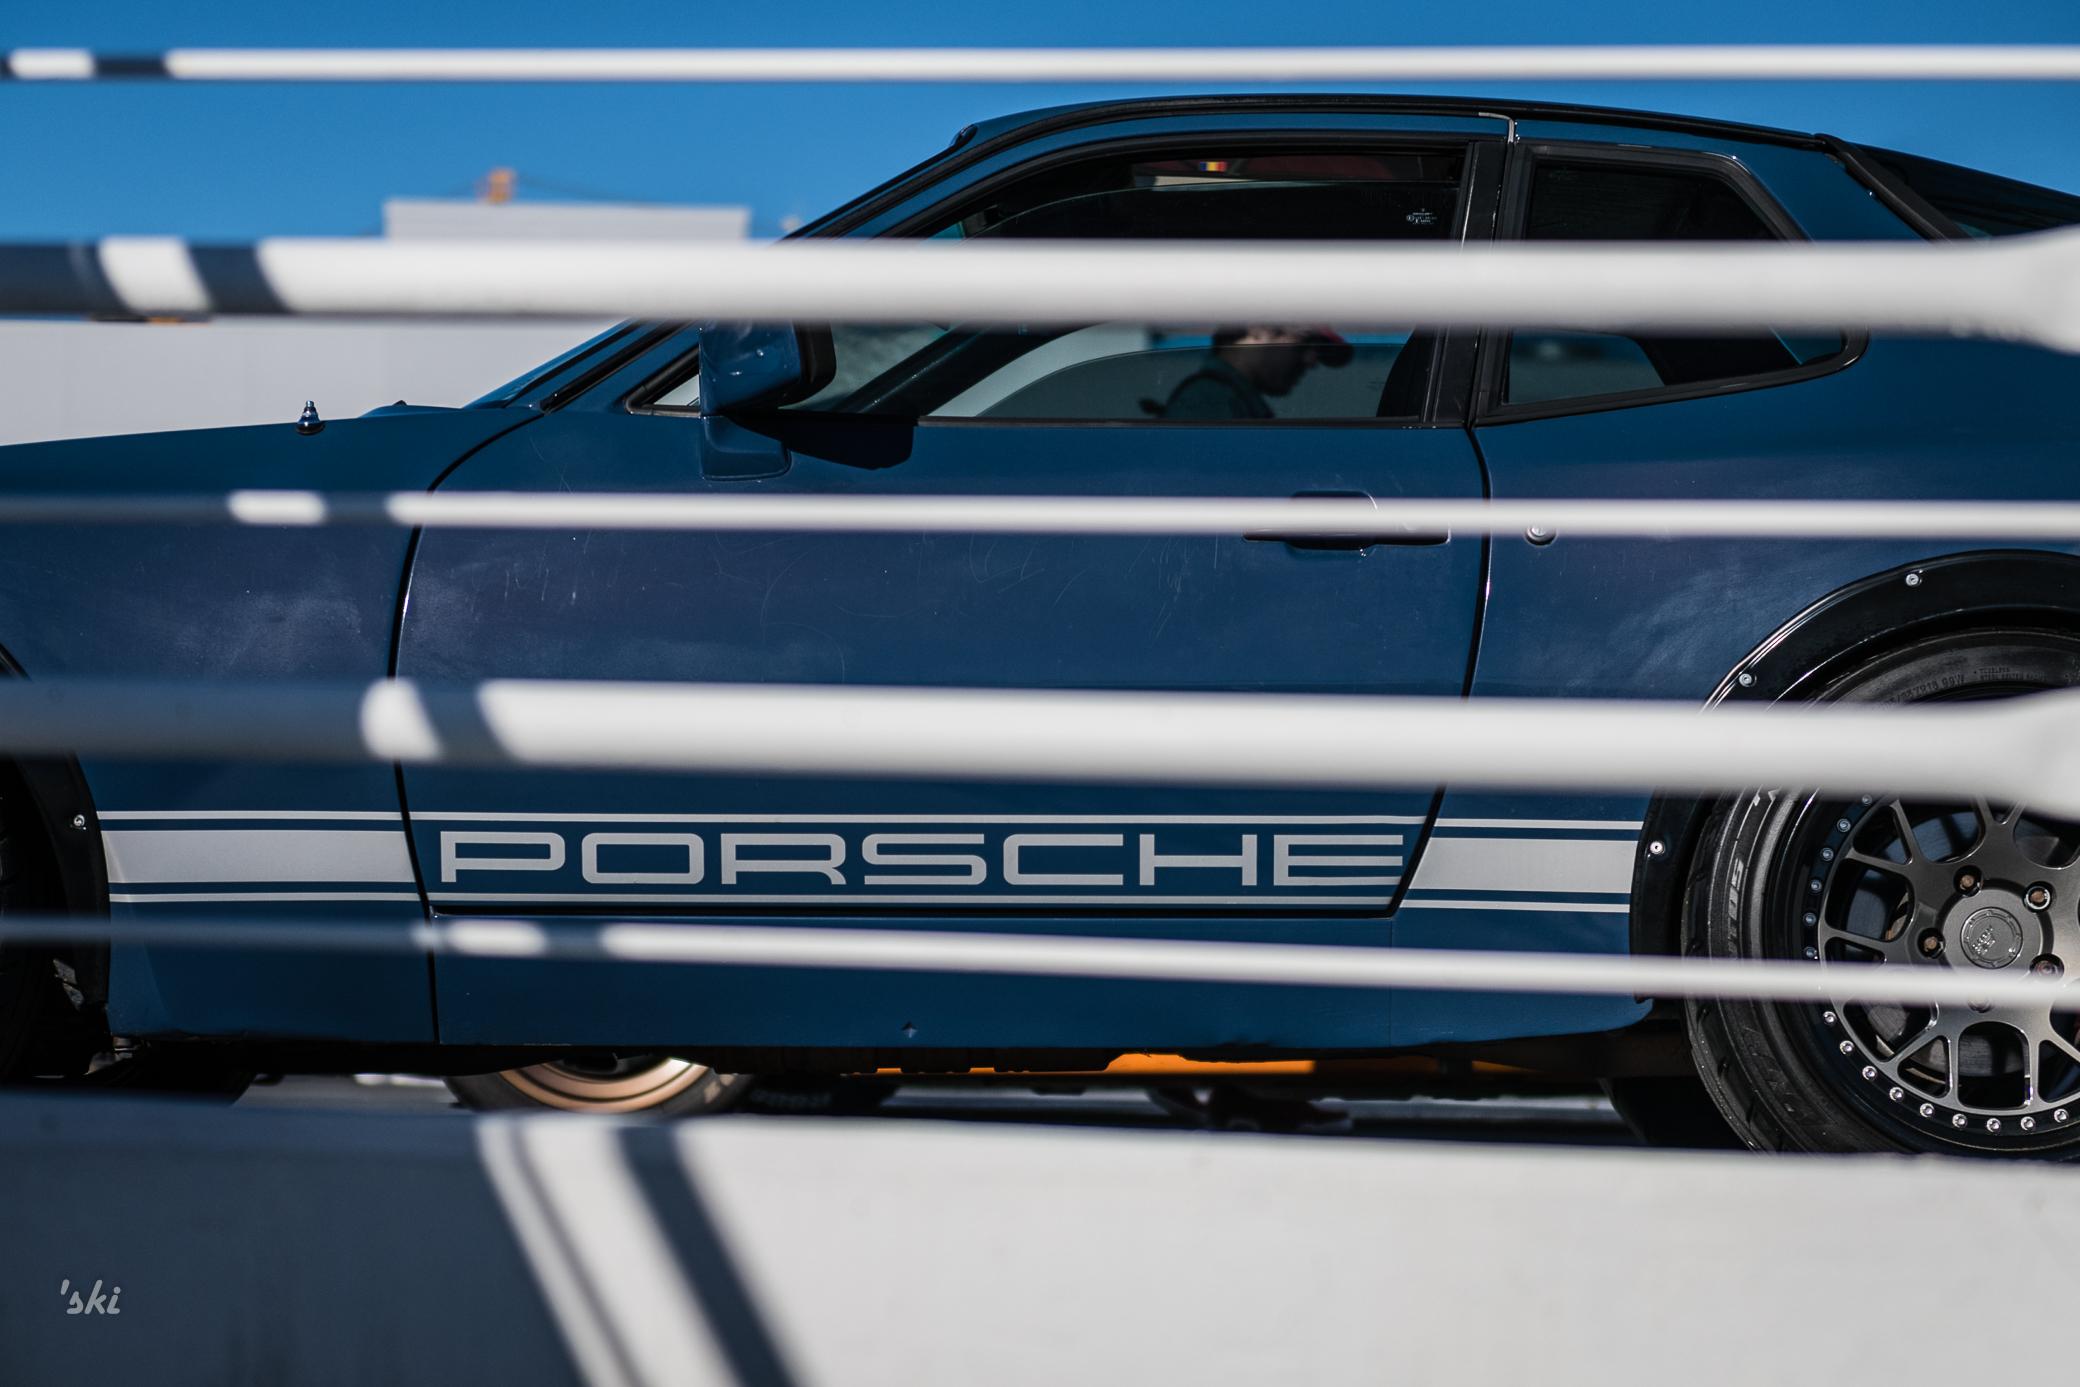 Porsche Between The Lines